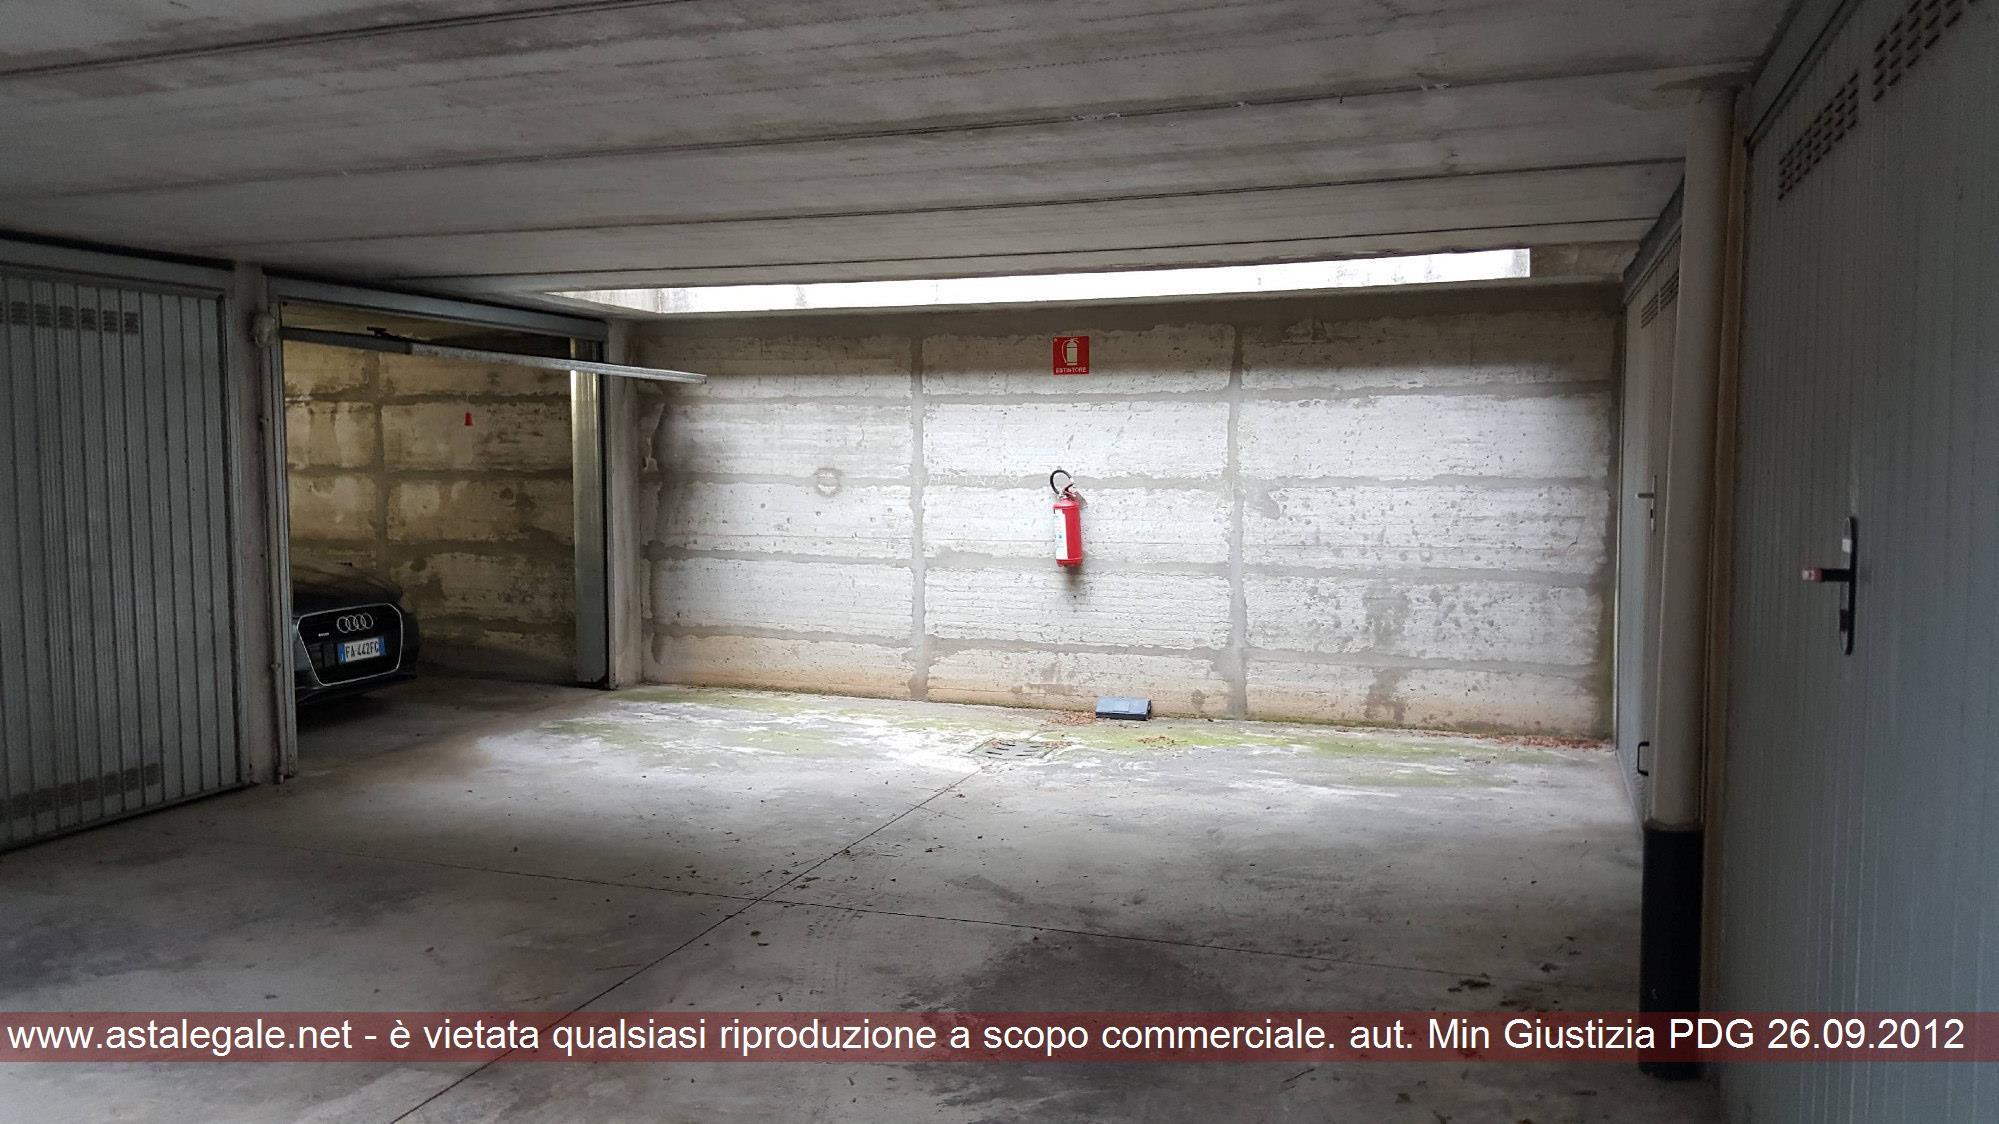 Agrate Brianza (MB) Frazione Morosina - Via Stelvio snc